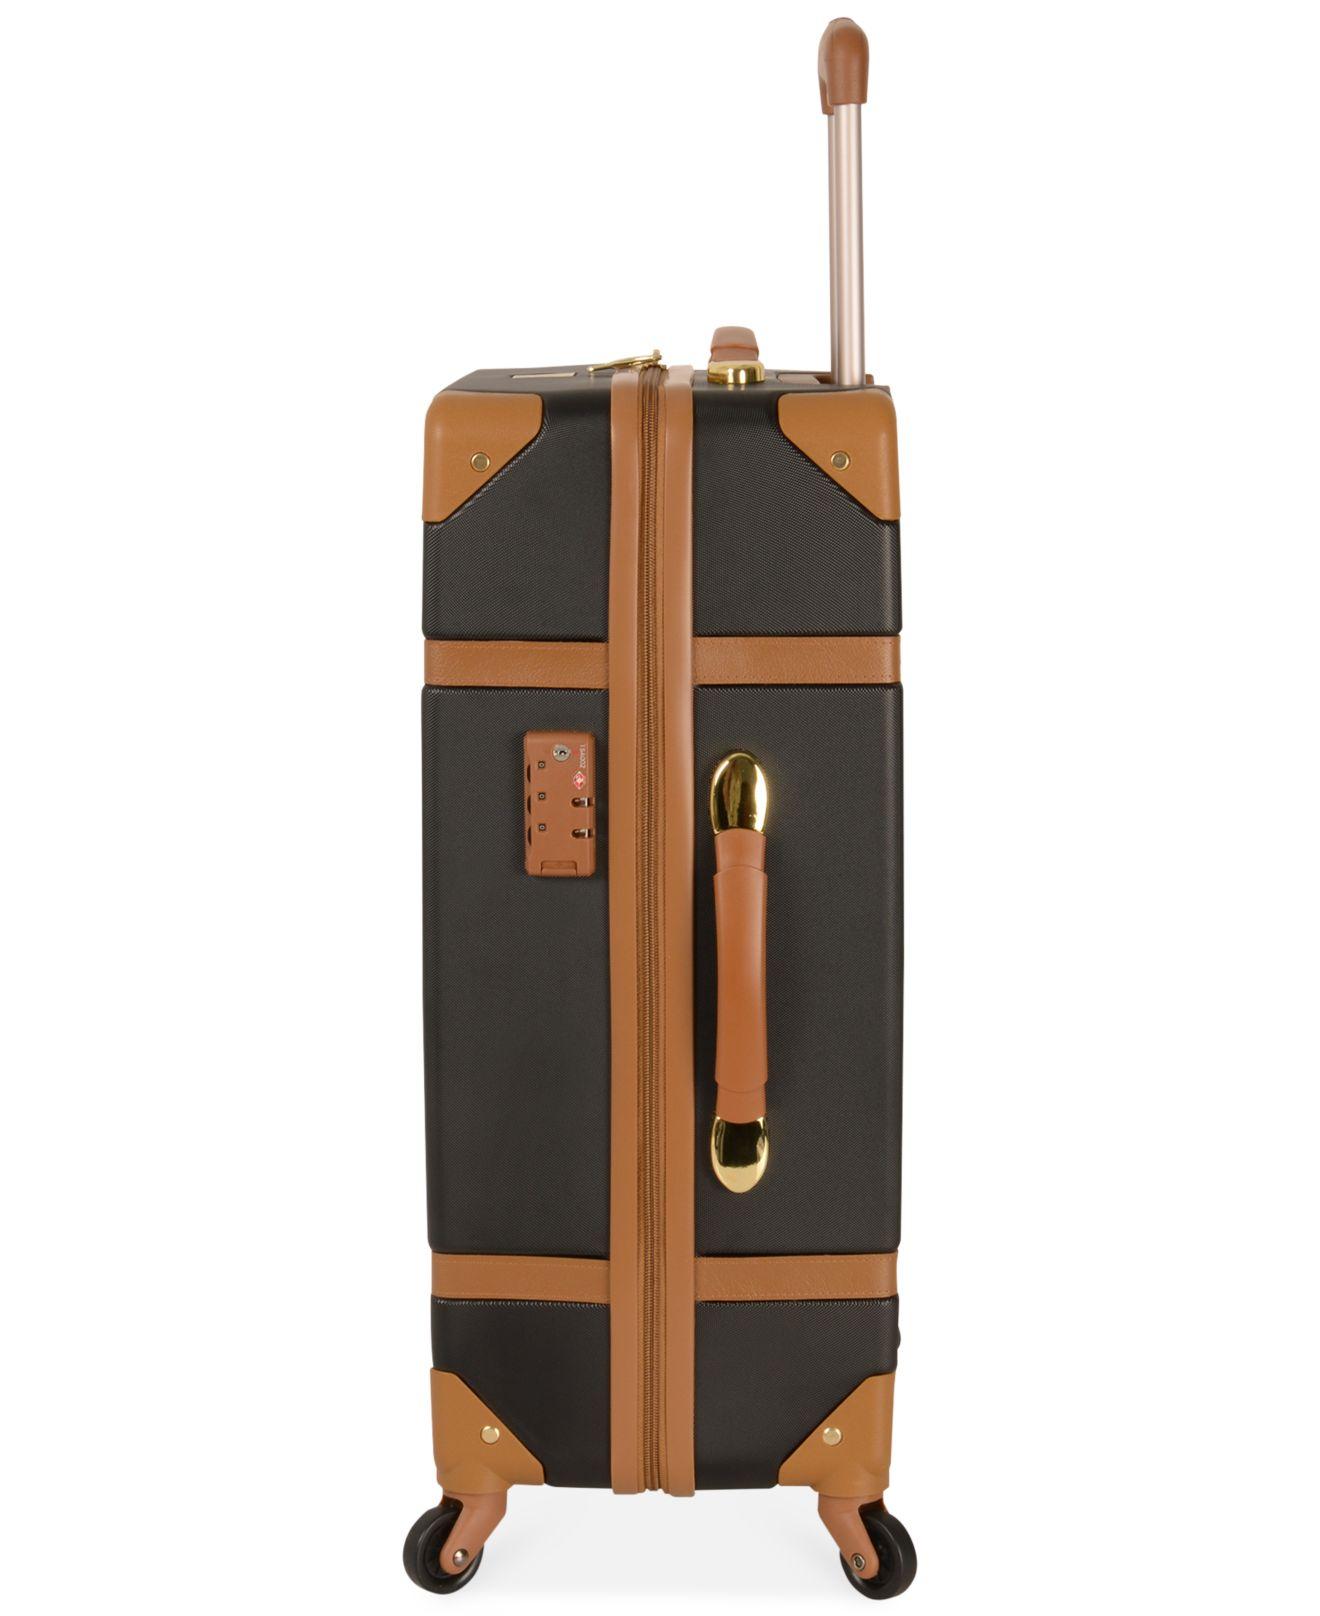 gallery - London Fog Luggage